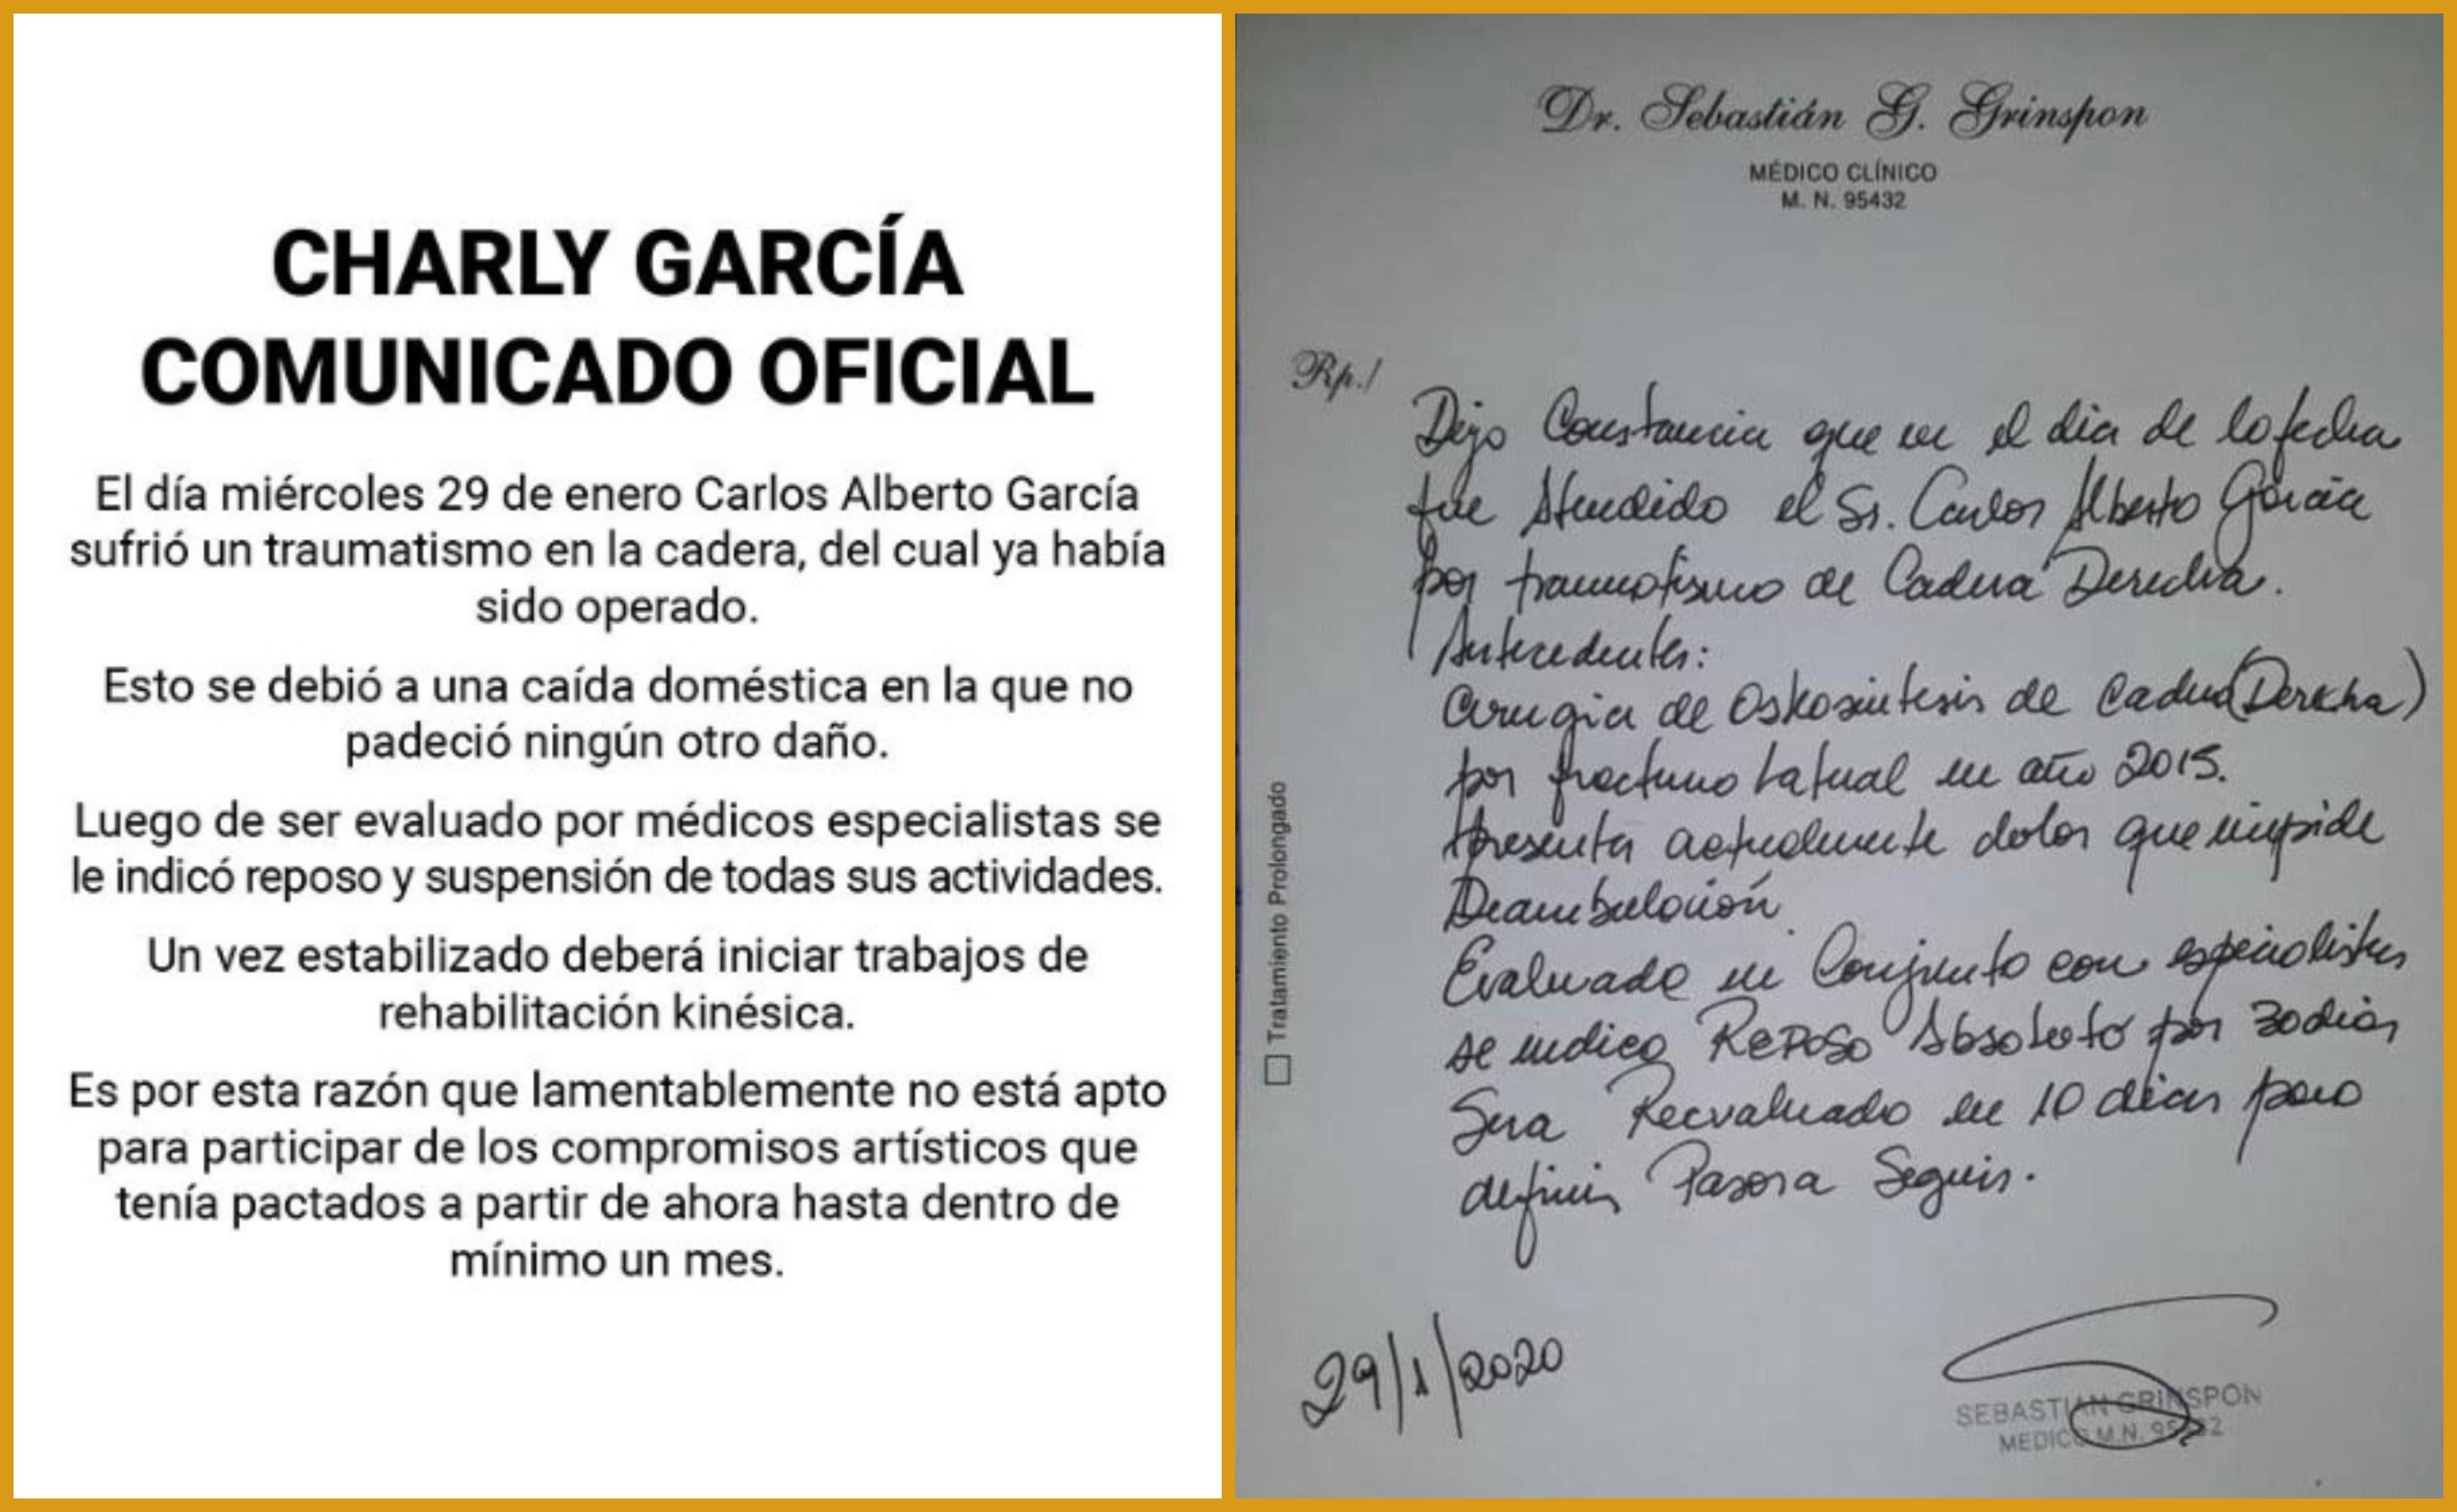 Comunicado y Certificado Medico de Charly Garcia - OYR